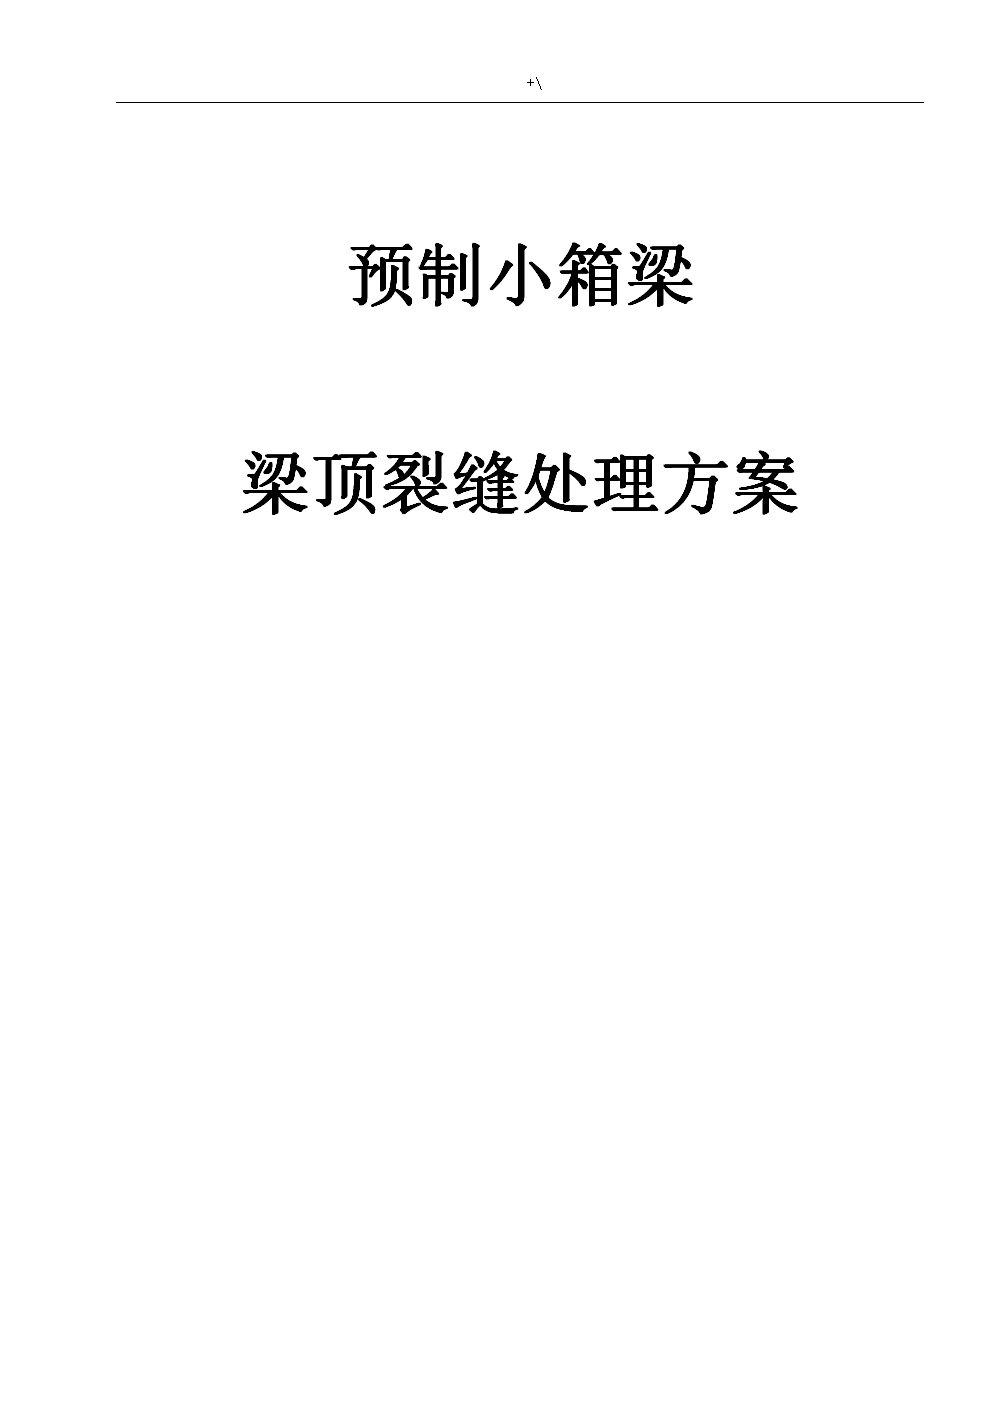 梁板裂缝管理计划方案方针.doc